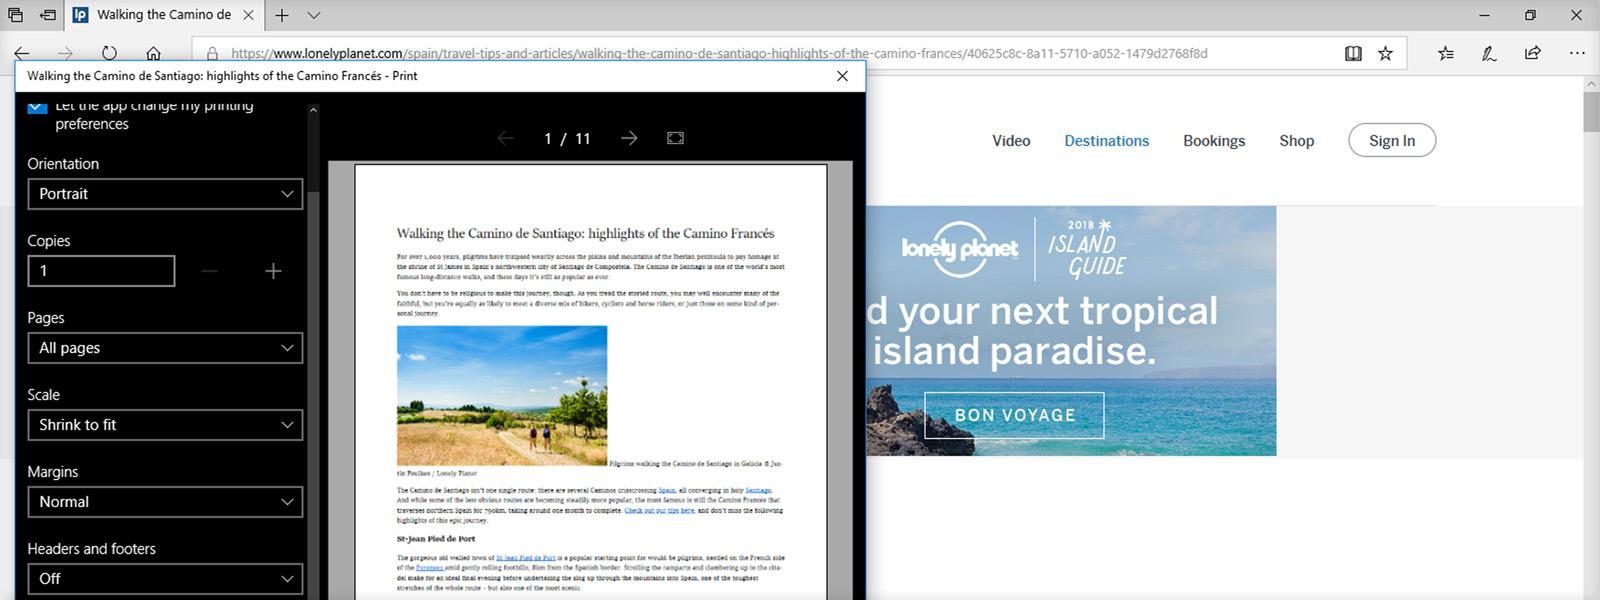 제공된 웹 페이지에 광고가 없는 Edge의 인쇄 미리 보기 화면 이미지